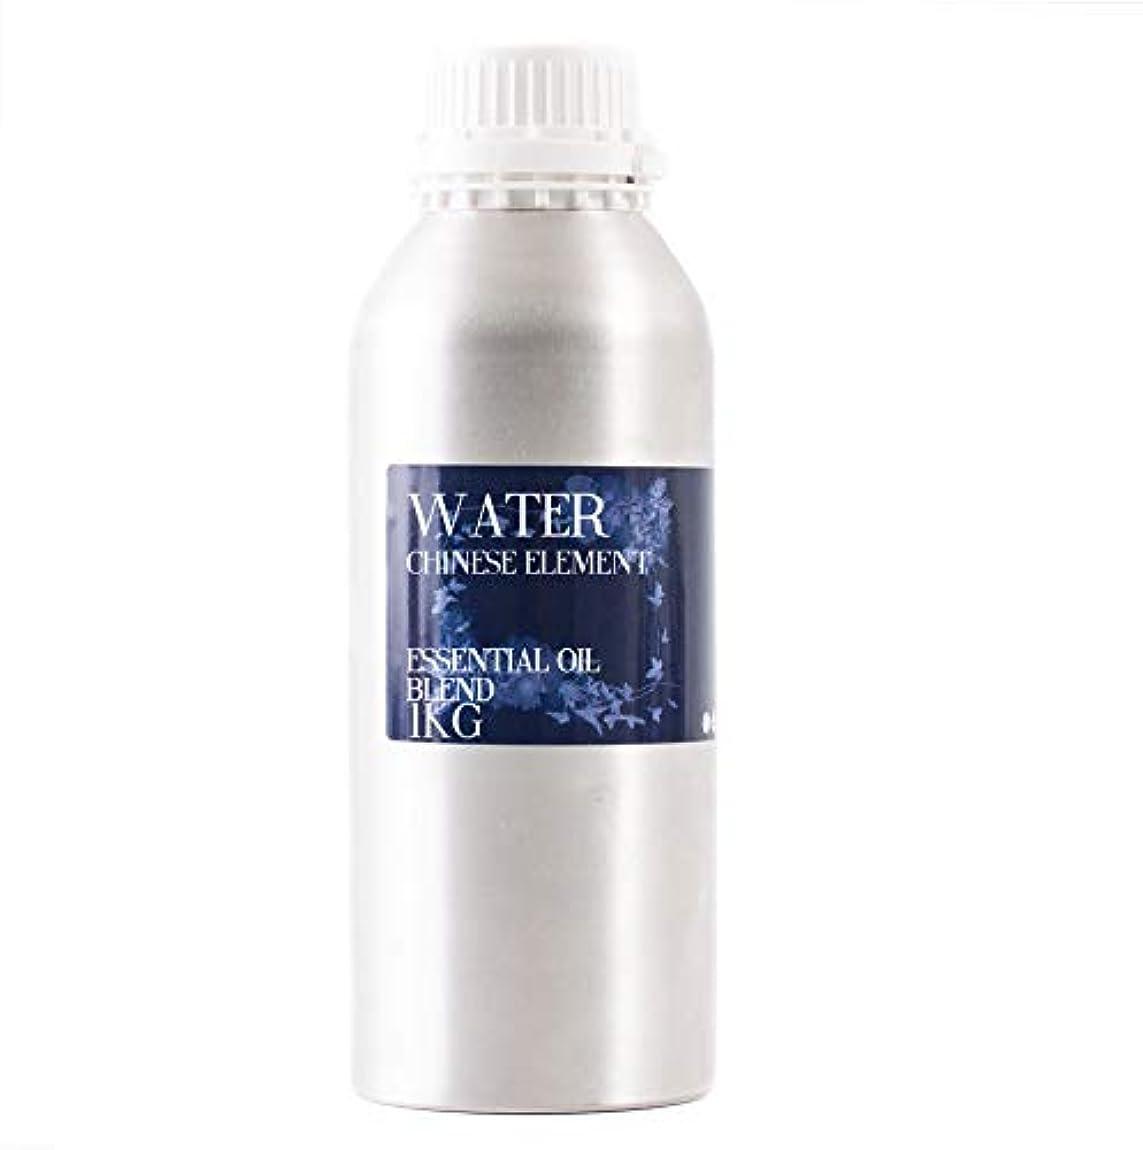 囚人メイド雨Mystix London | Chinese Water Element Essential Oil Blend - 1Kg